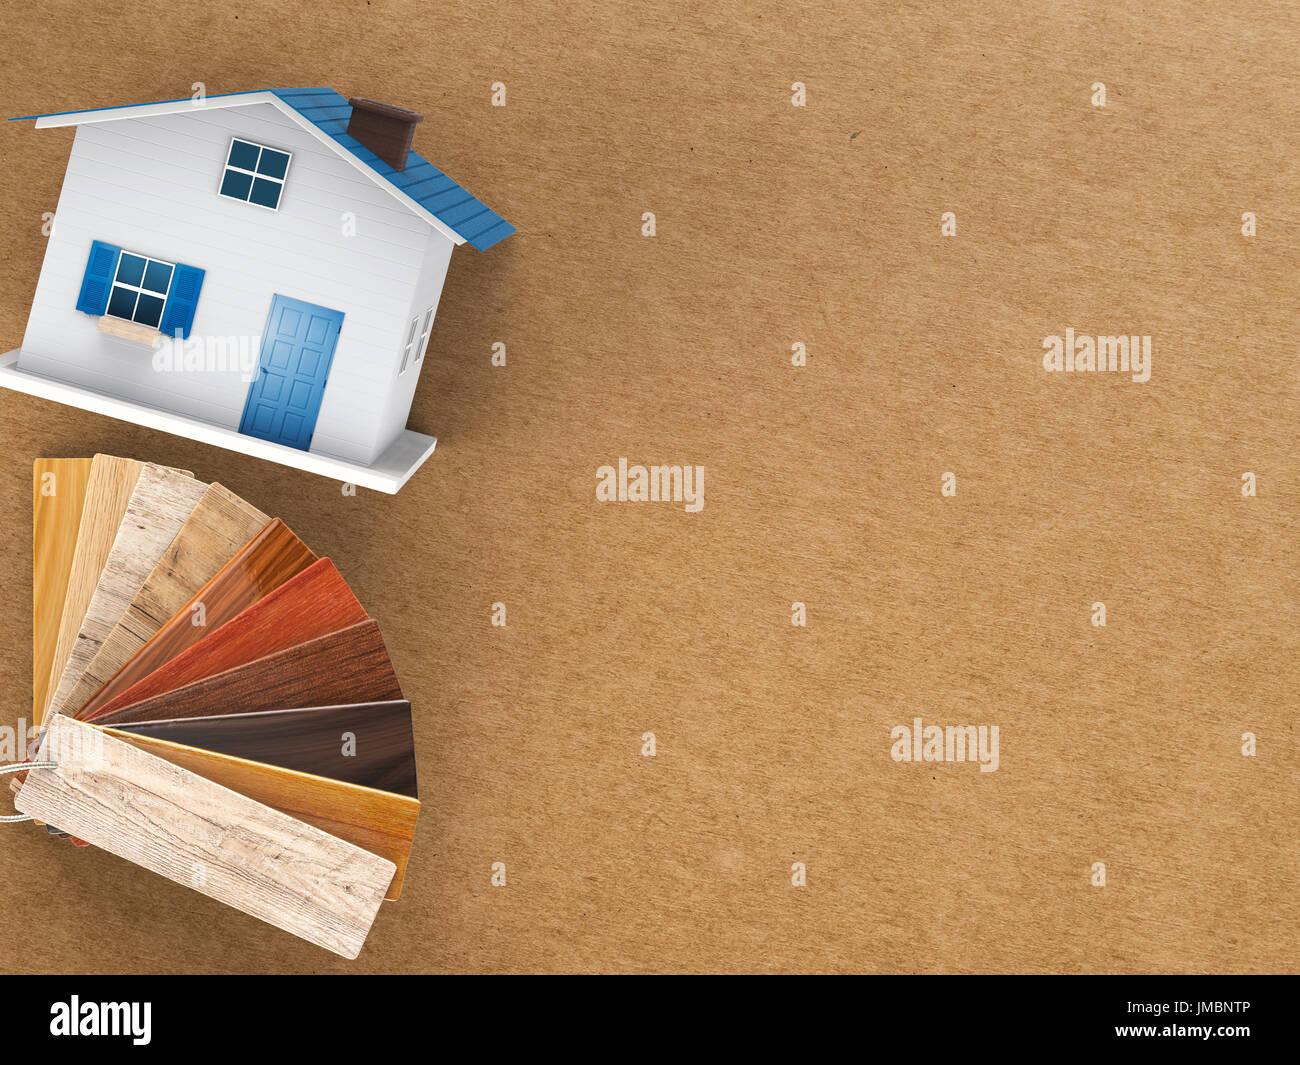 Guia De Color Madera Con Casa De Maquetas Para Decoracion Casa Foto